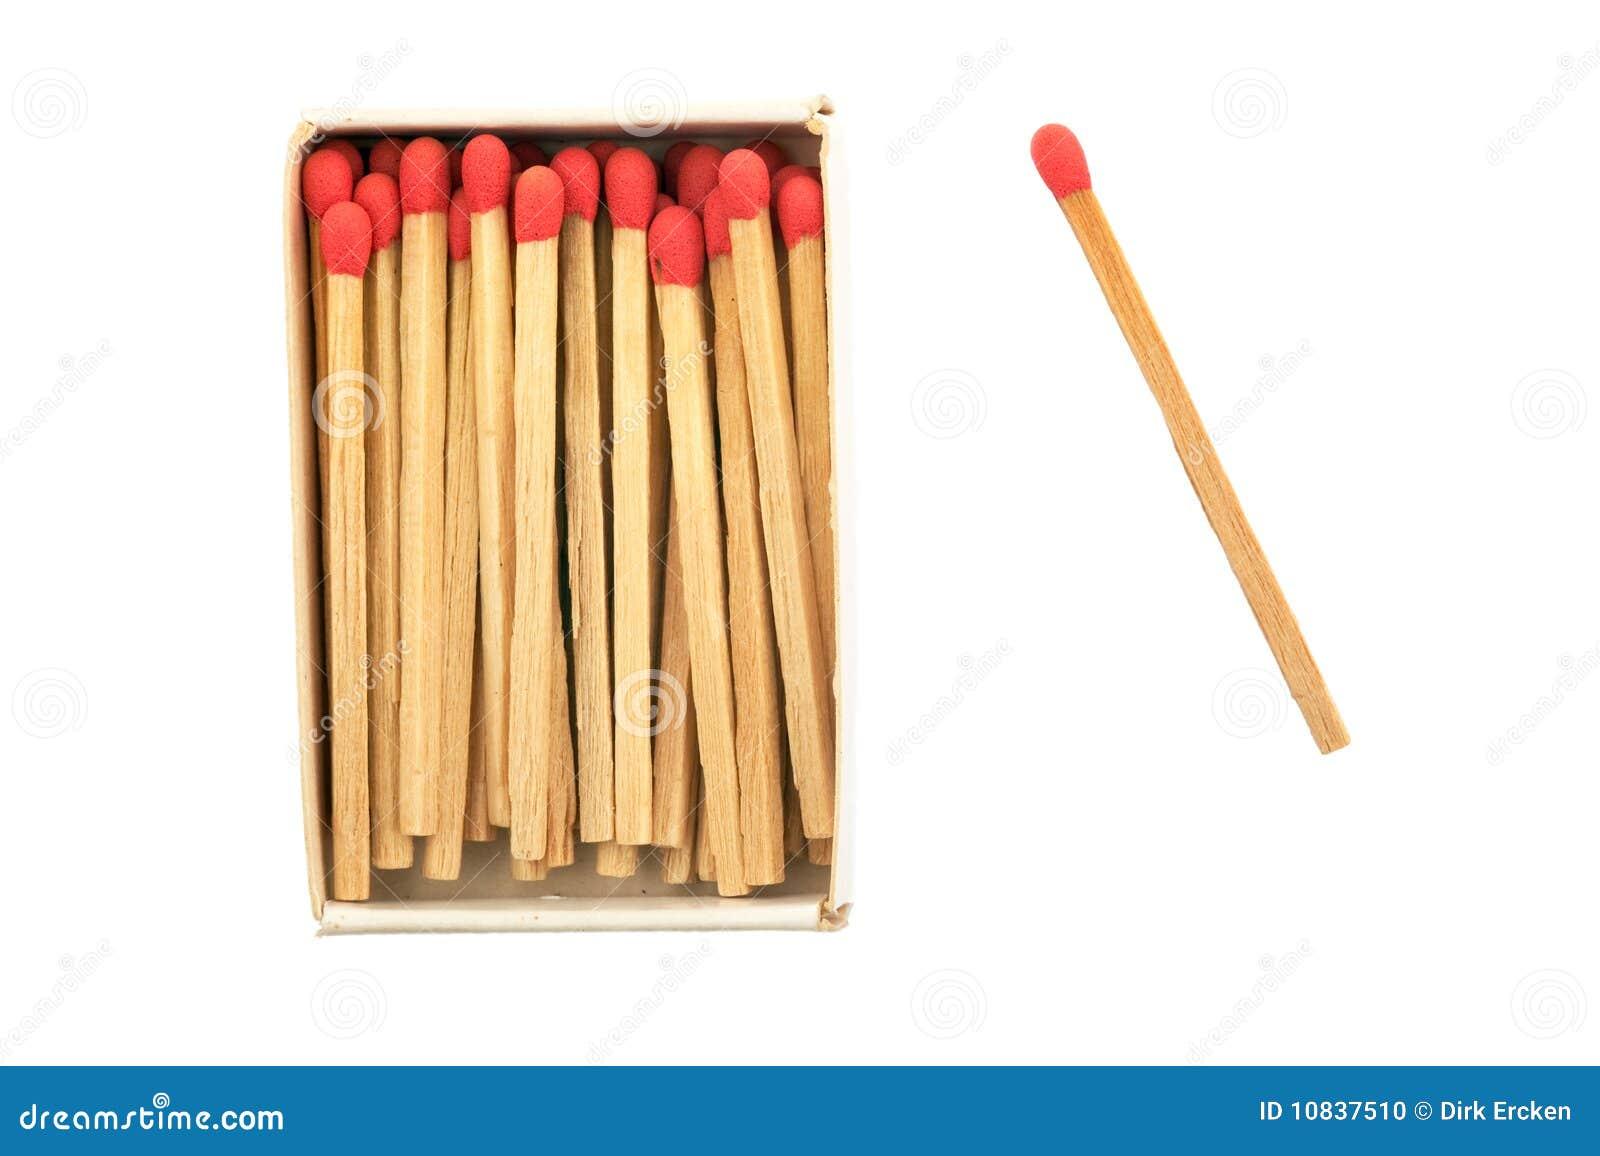 火查出轻的火柴盒符合启动硫磺